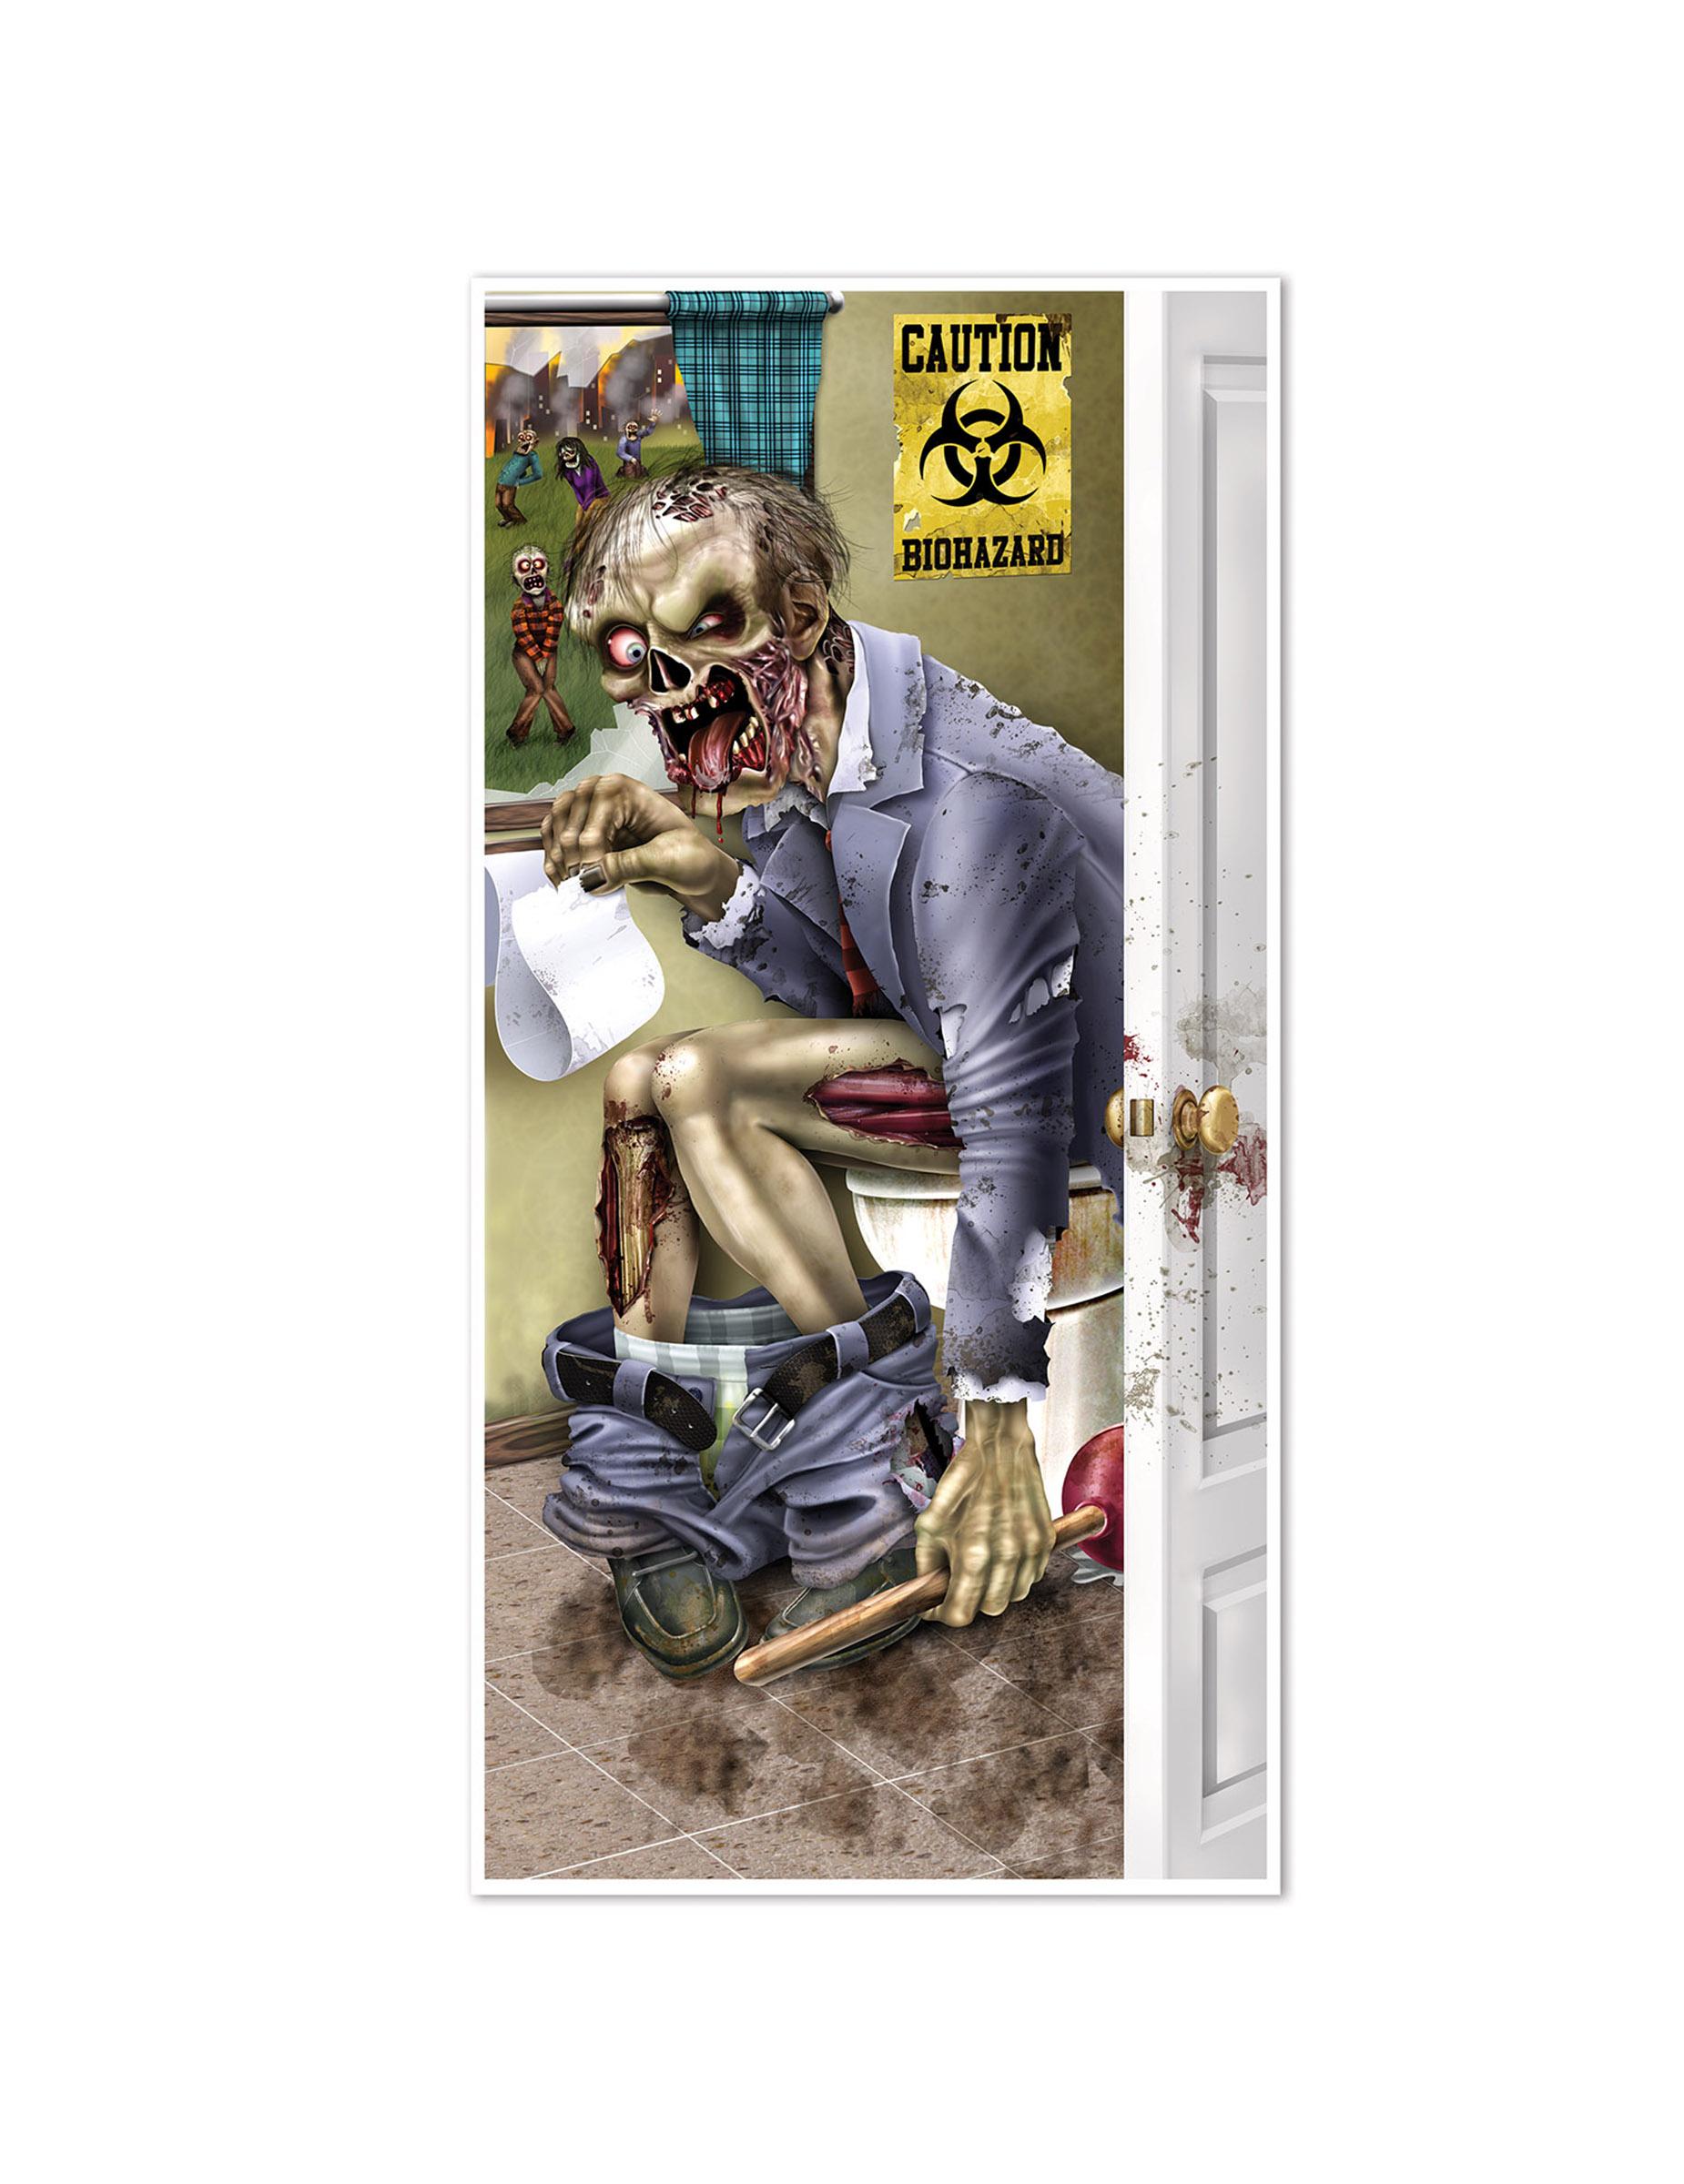 d coration de porte zombie aux toilettes halloween deguise toi achat de decoration animation. Black Bedroom Furniture Sets. Home Design Ideas